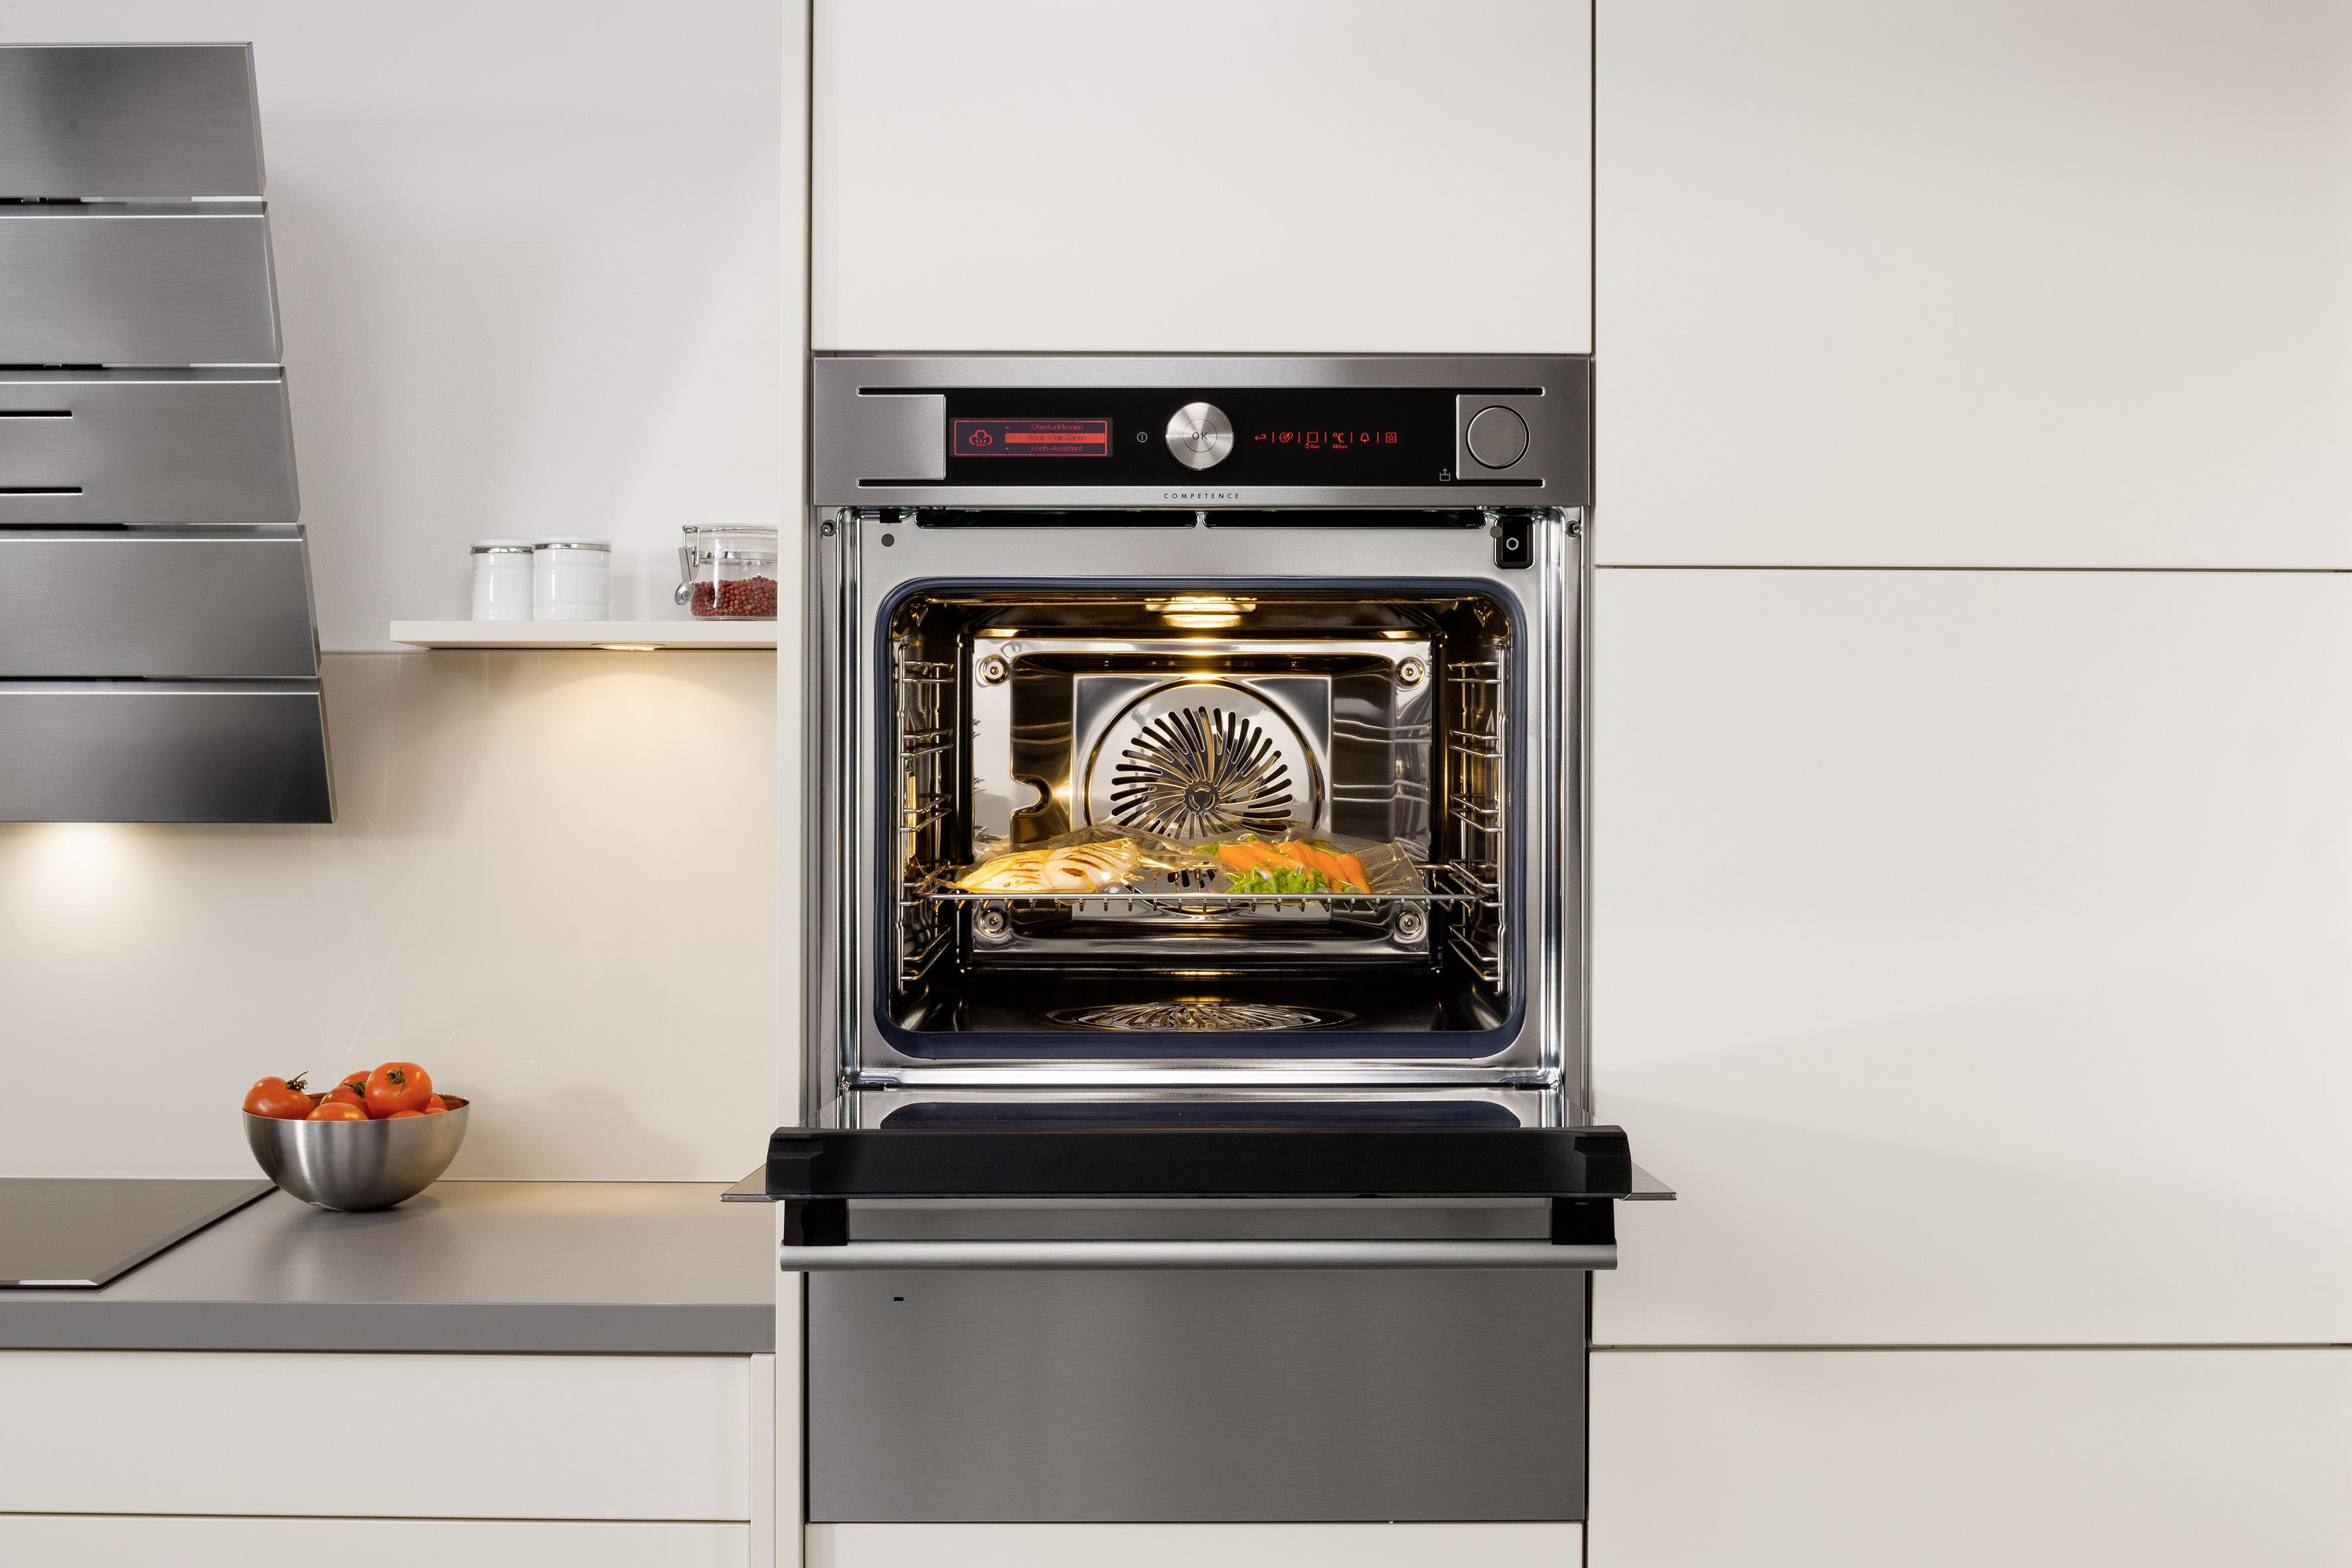 bilddatenbank amk arbeitsgemeinschaft die moderne. Black Bedroom Furniture Sets. Home Design Ideas